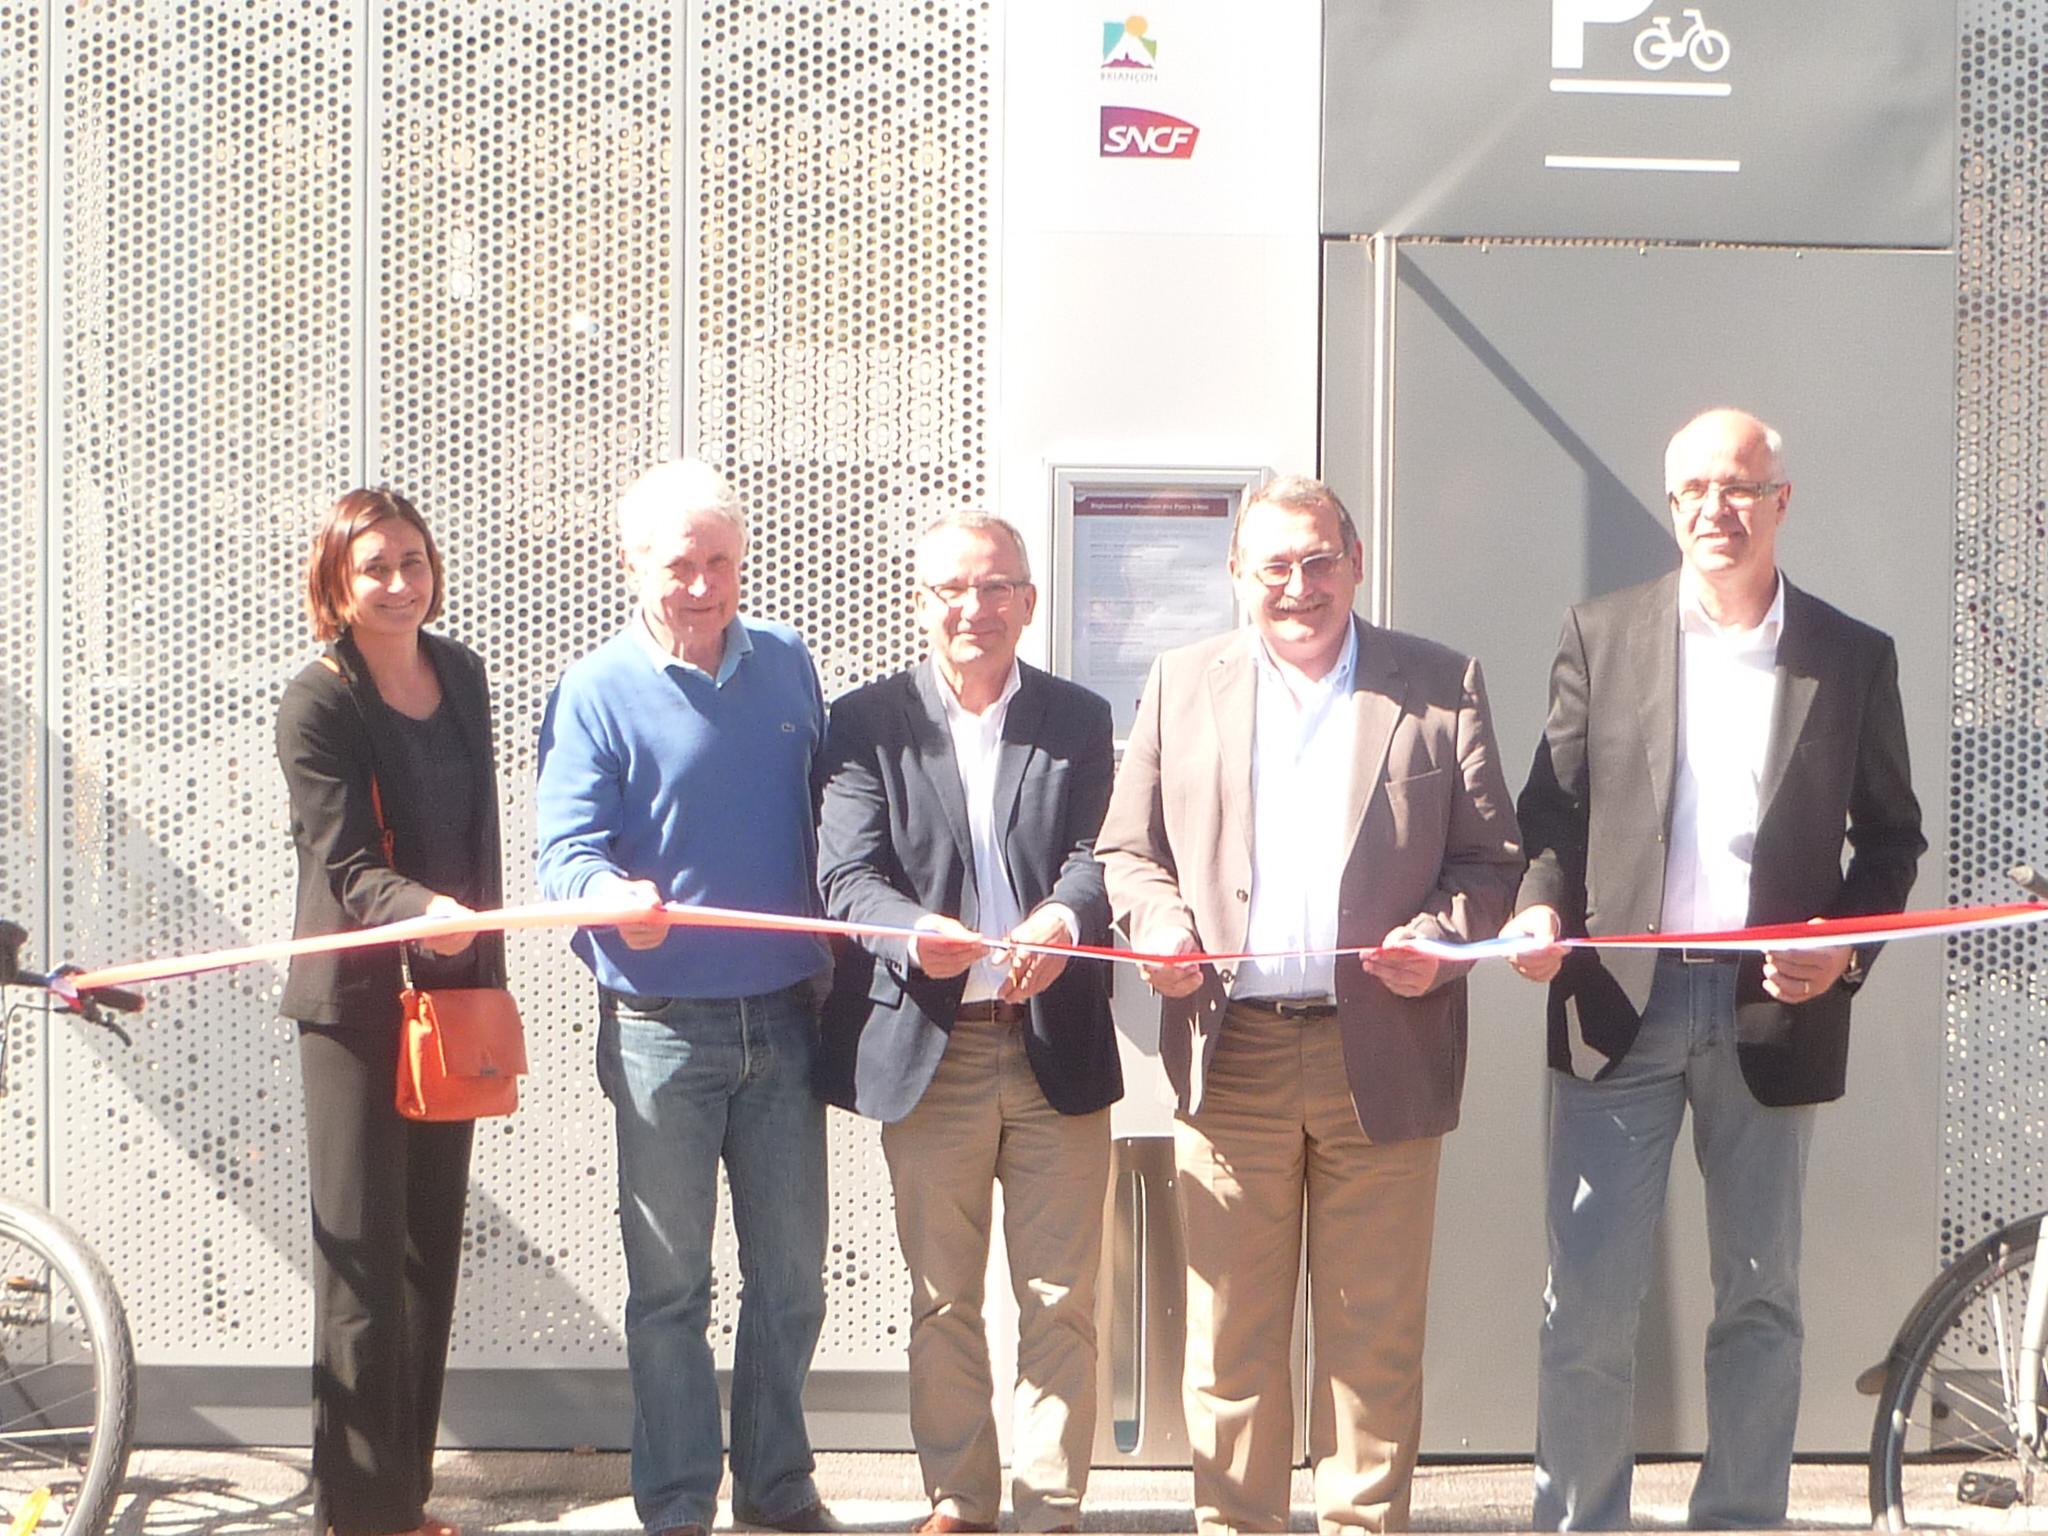 Inauguration du nouvel abri à vélo à la gare de Briançon en présence de Jean-Yves Petit